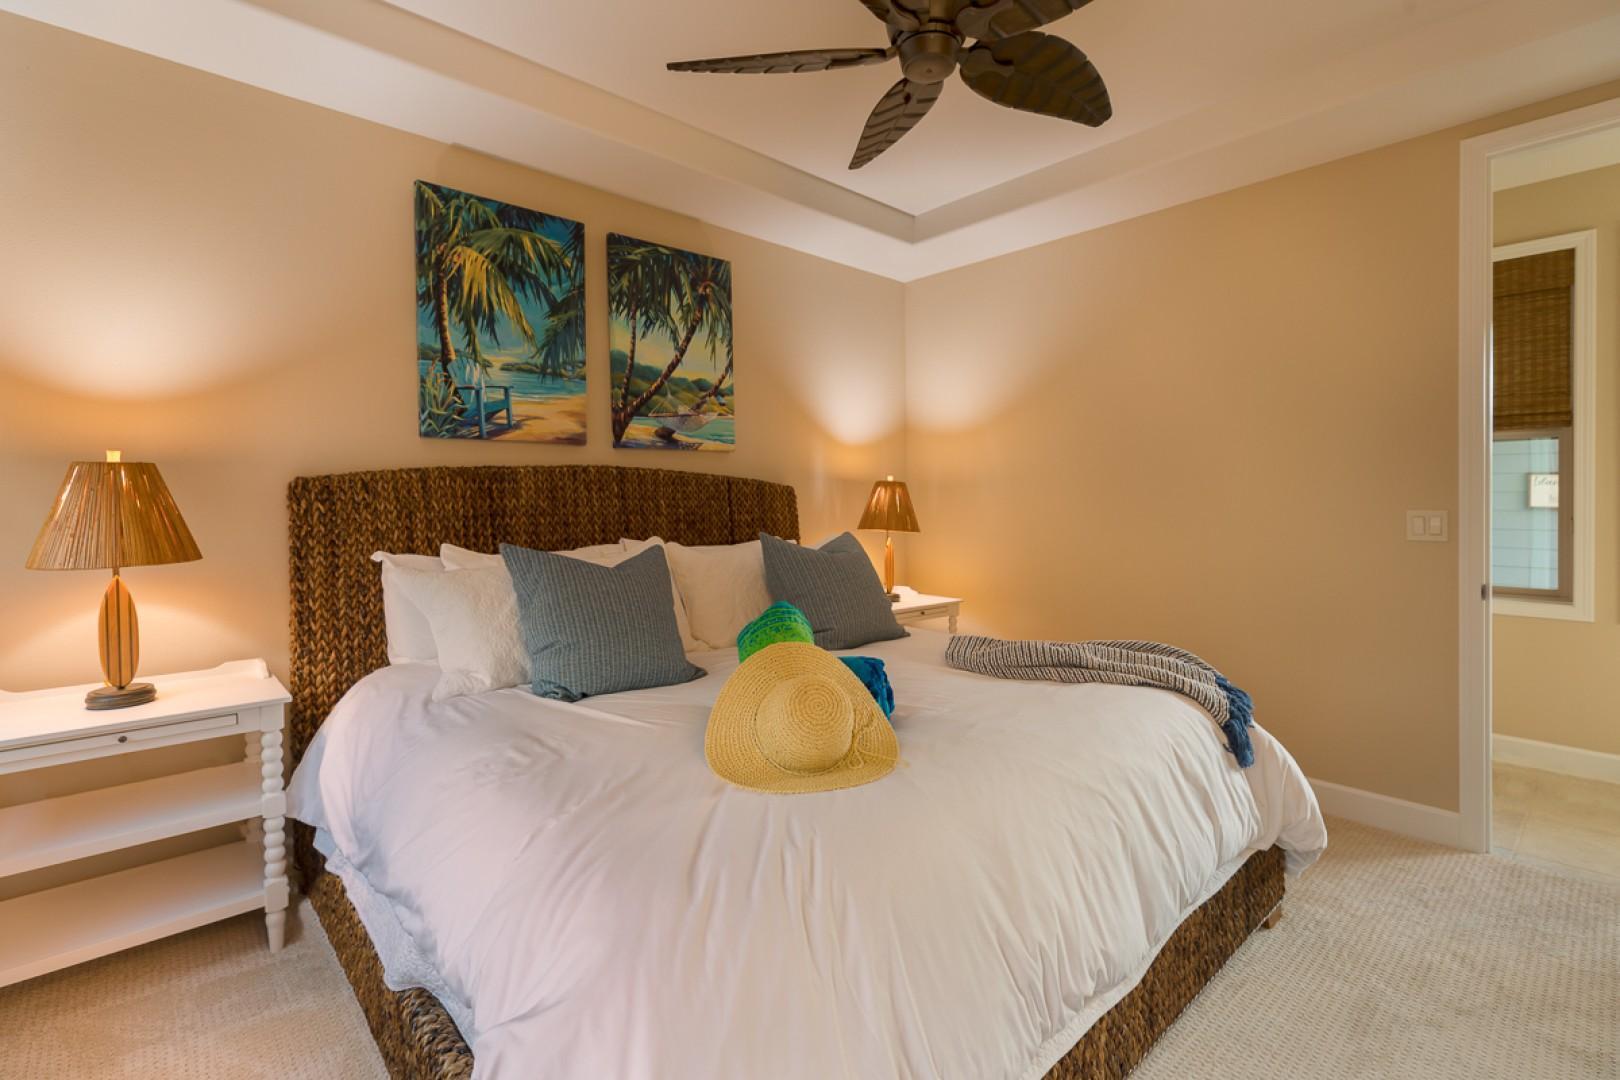 Bedroom three also has a private en suite bath